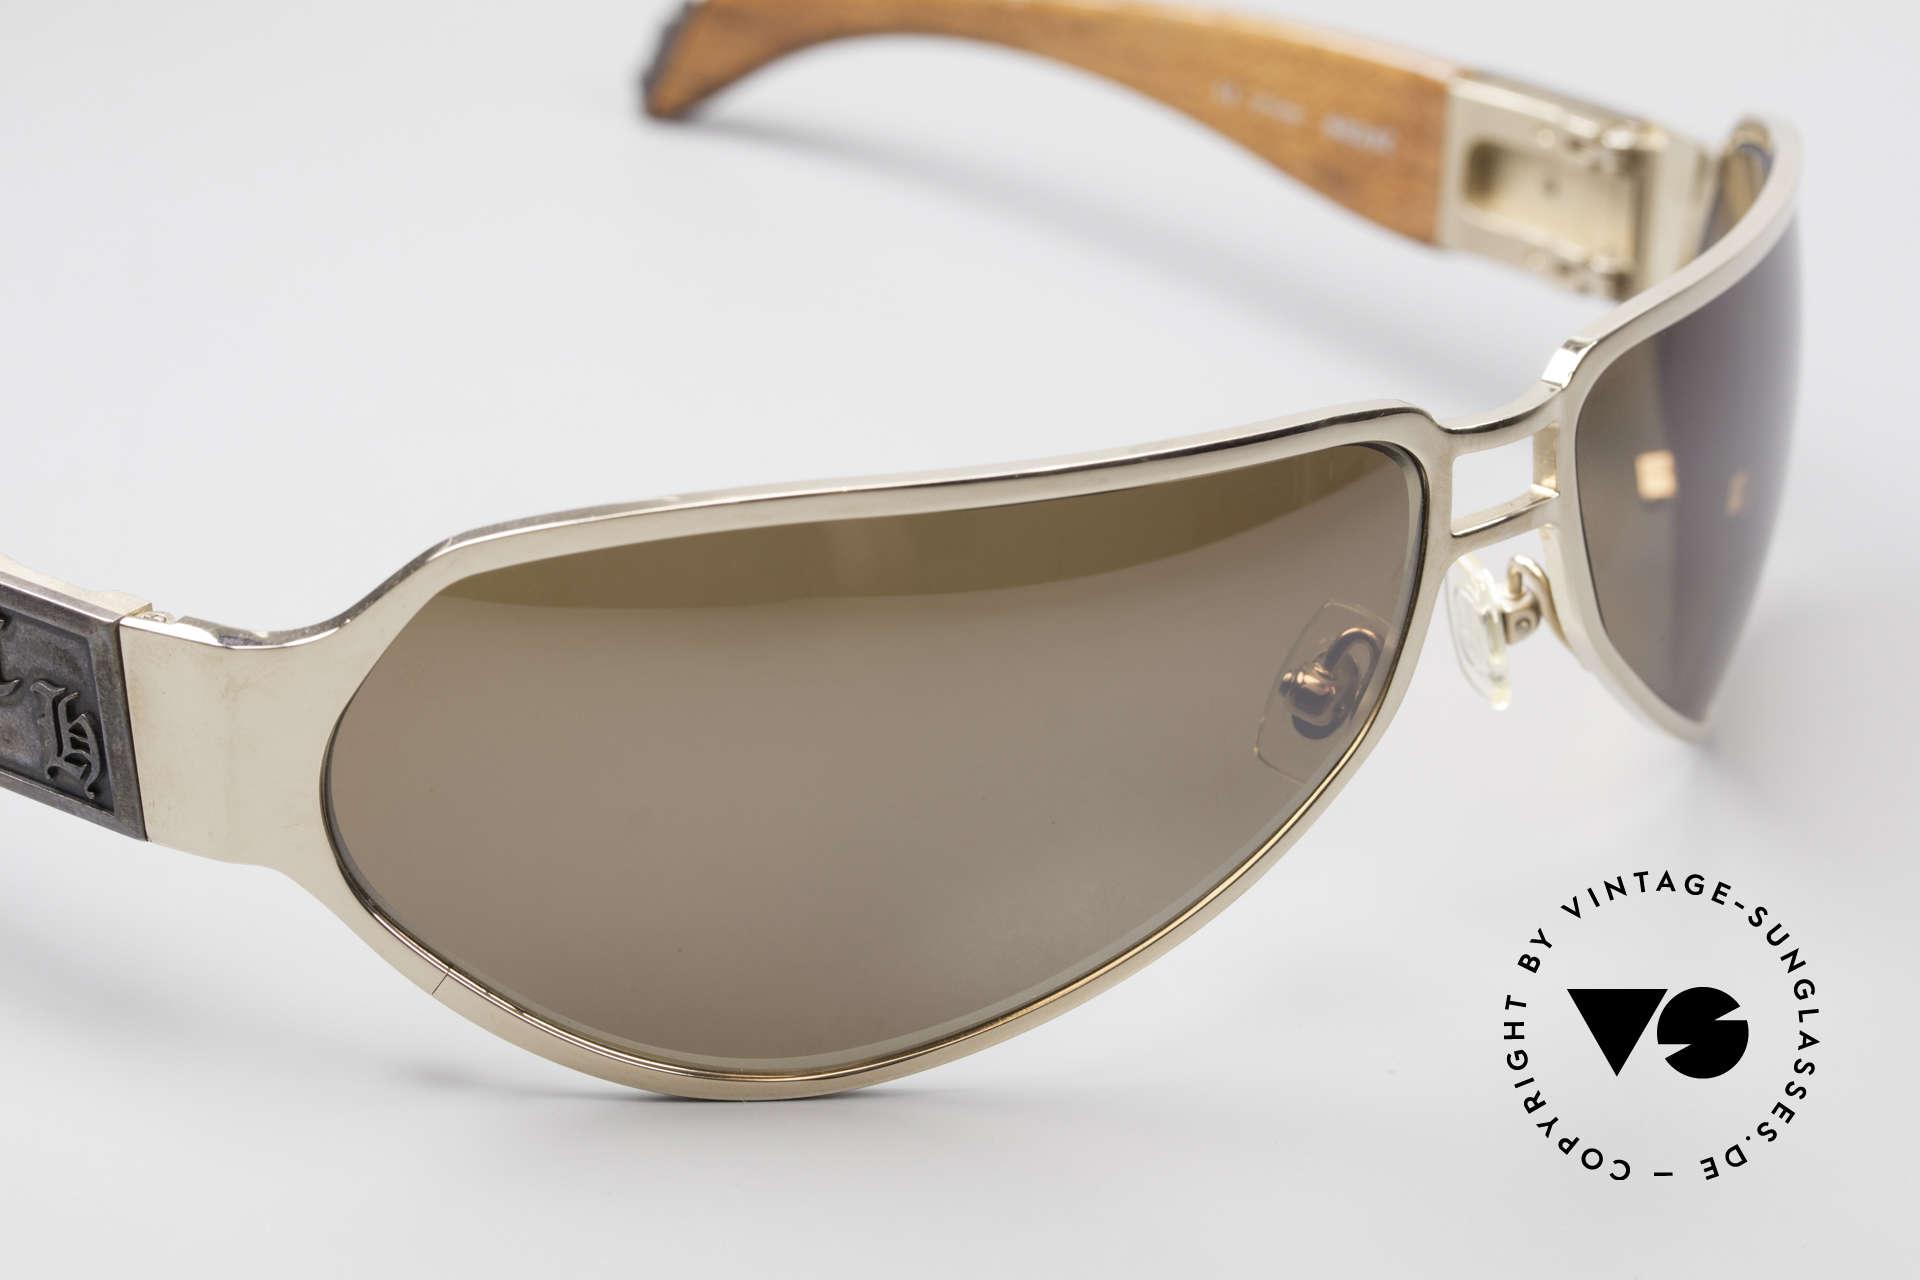 Chrome Hearts Shaft Luxus Herrenbrille Für Kenner, ungetragenes Exemplar von 2013 (eine Rarität!), Passend für Herren